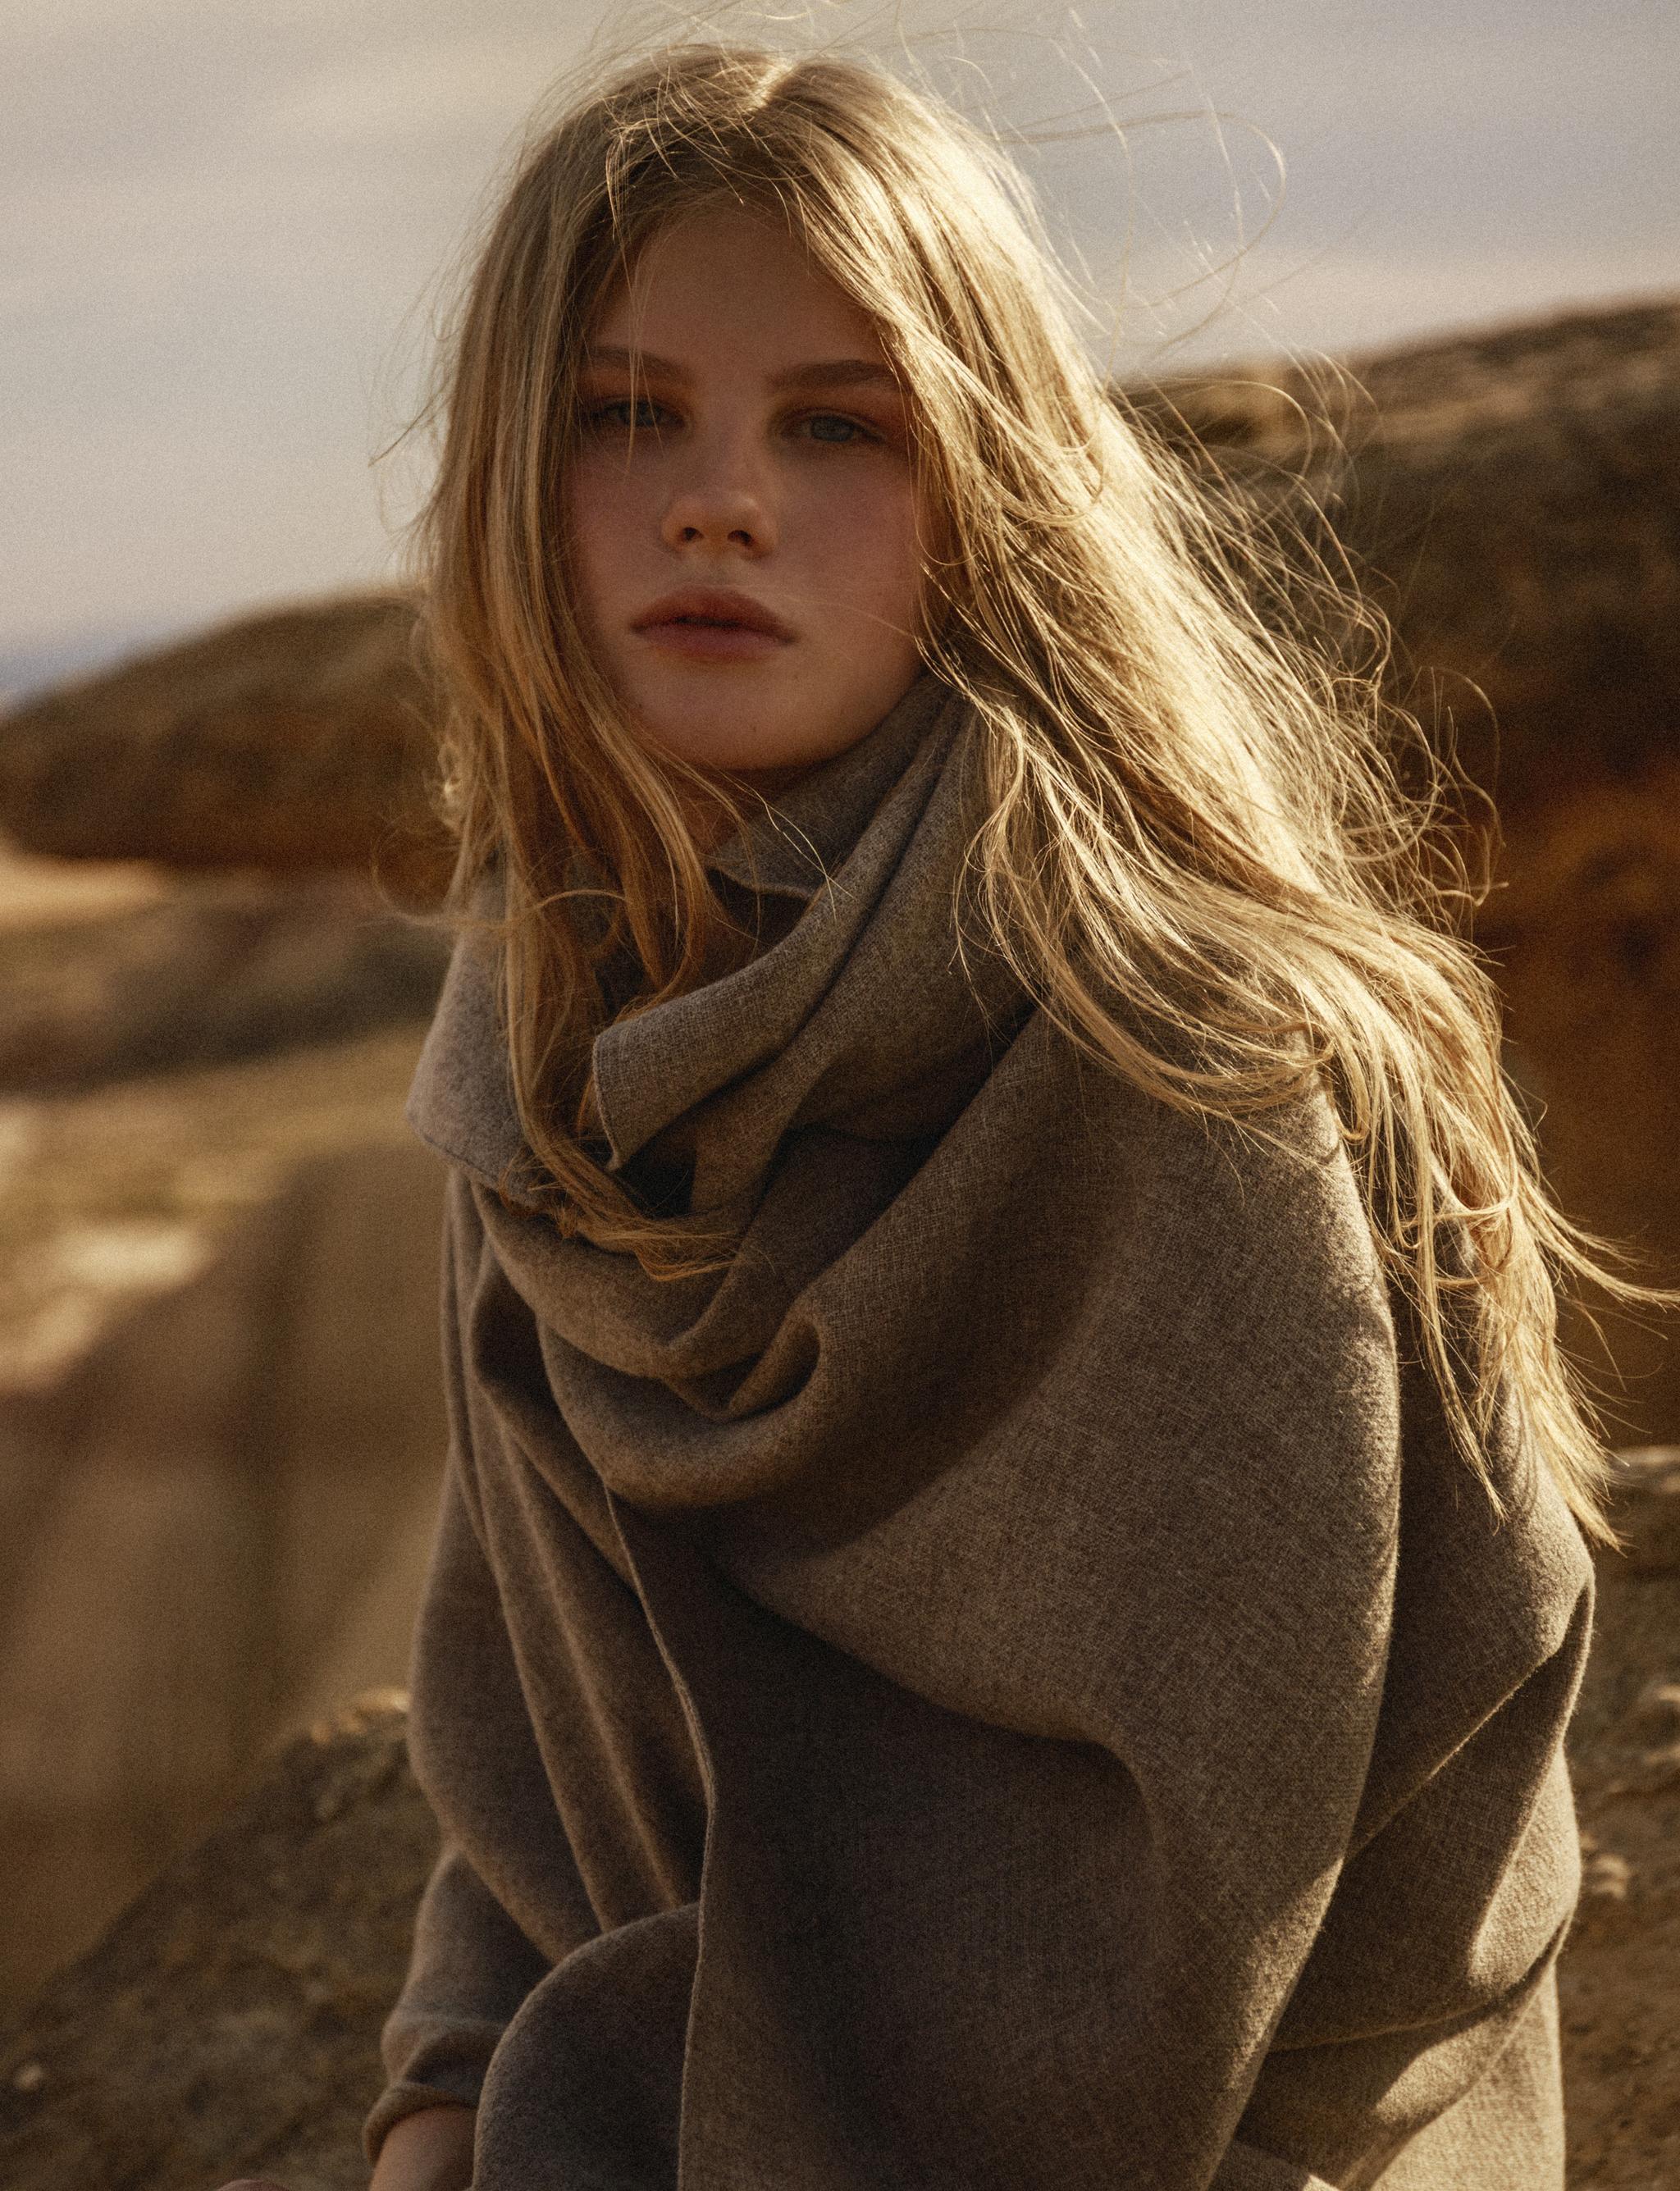 El frío, los cambios bruscos de temperatura, las calefacciones... Son factores que deshidratan el pelo.